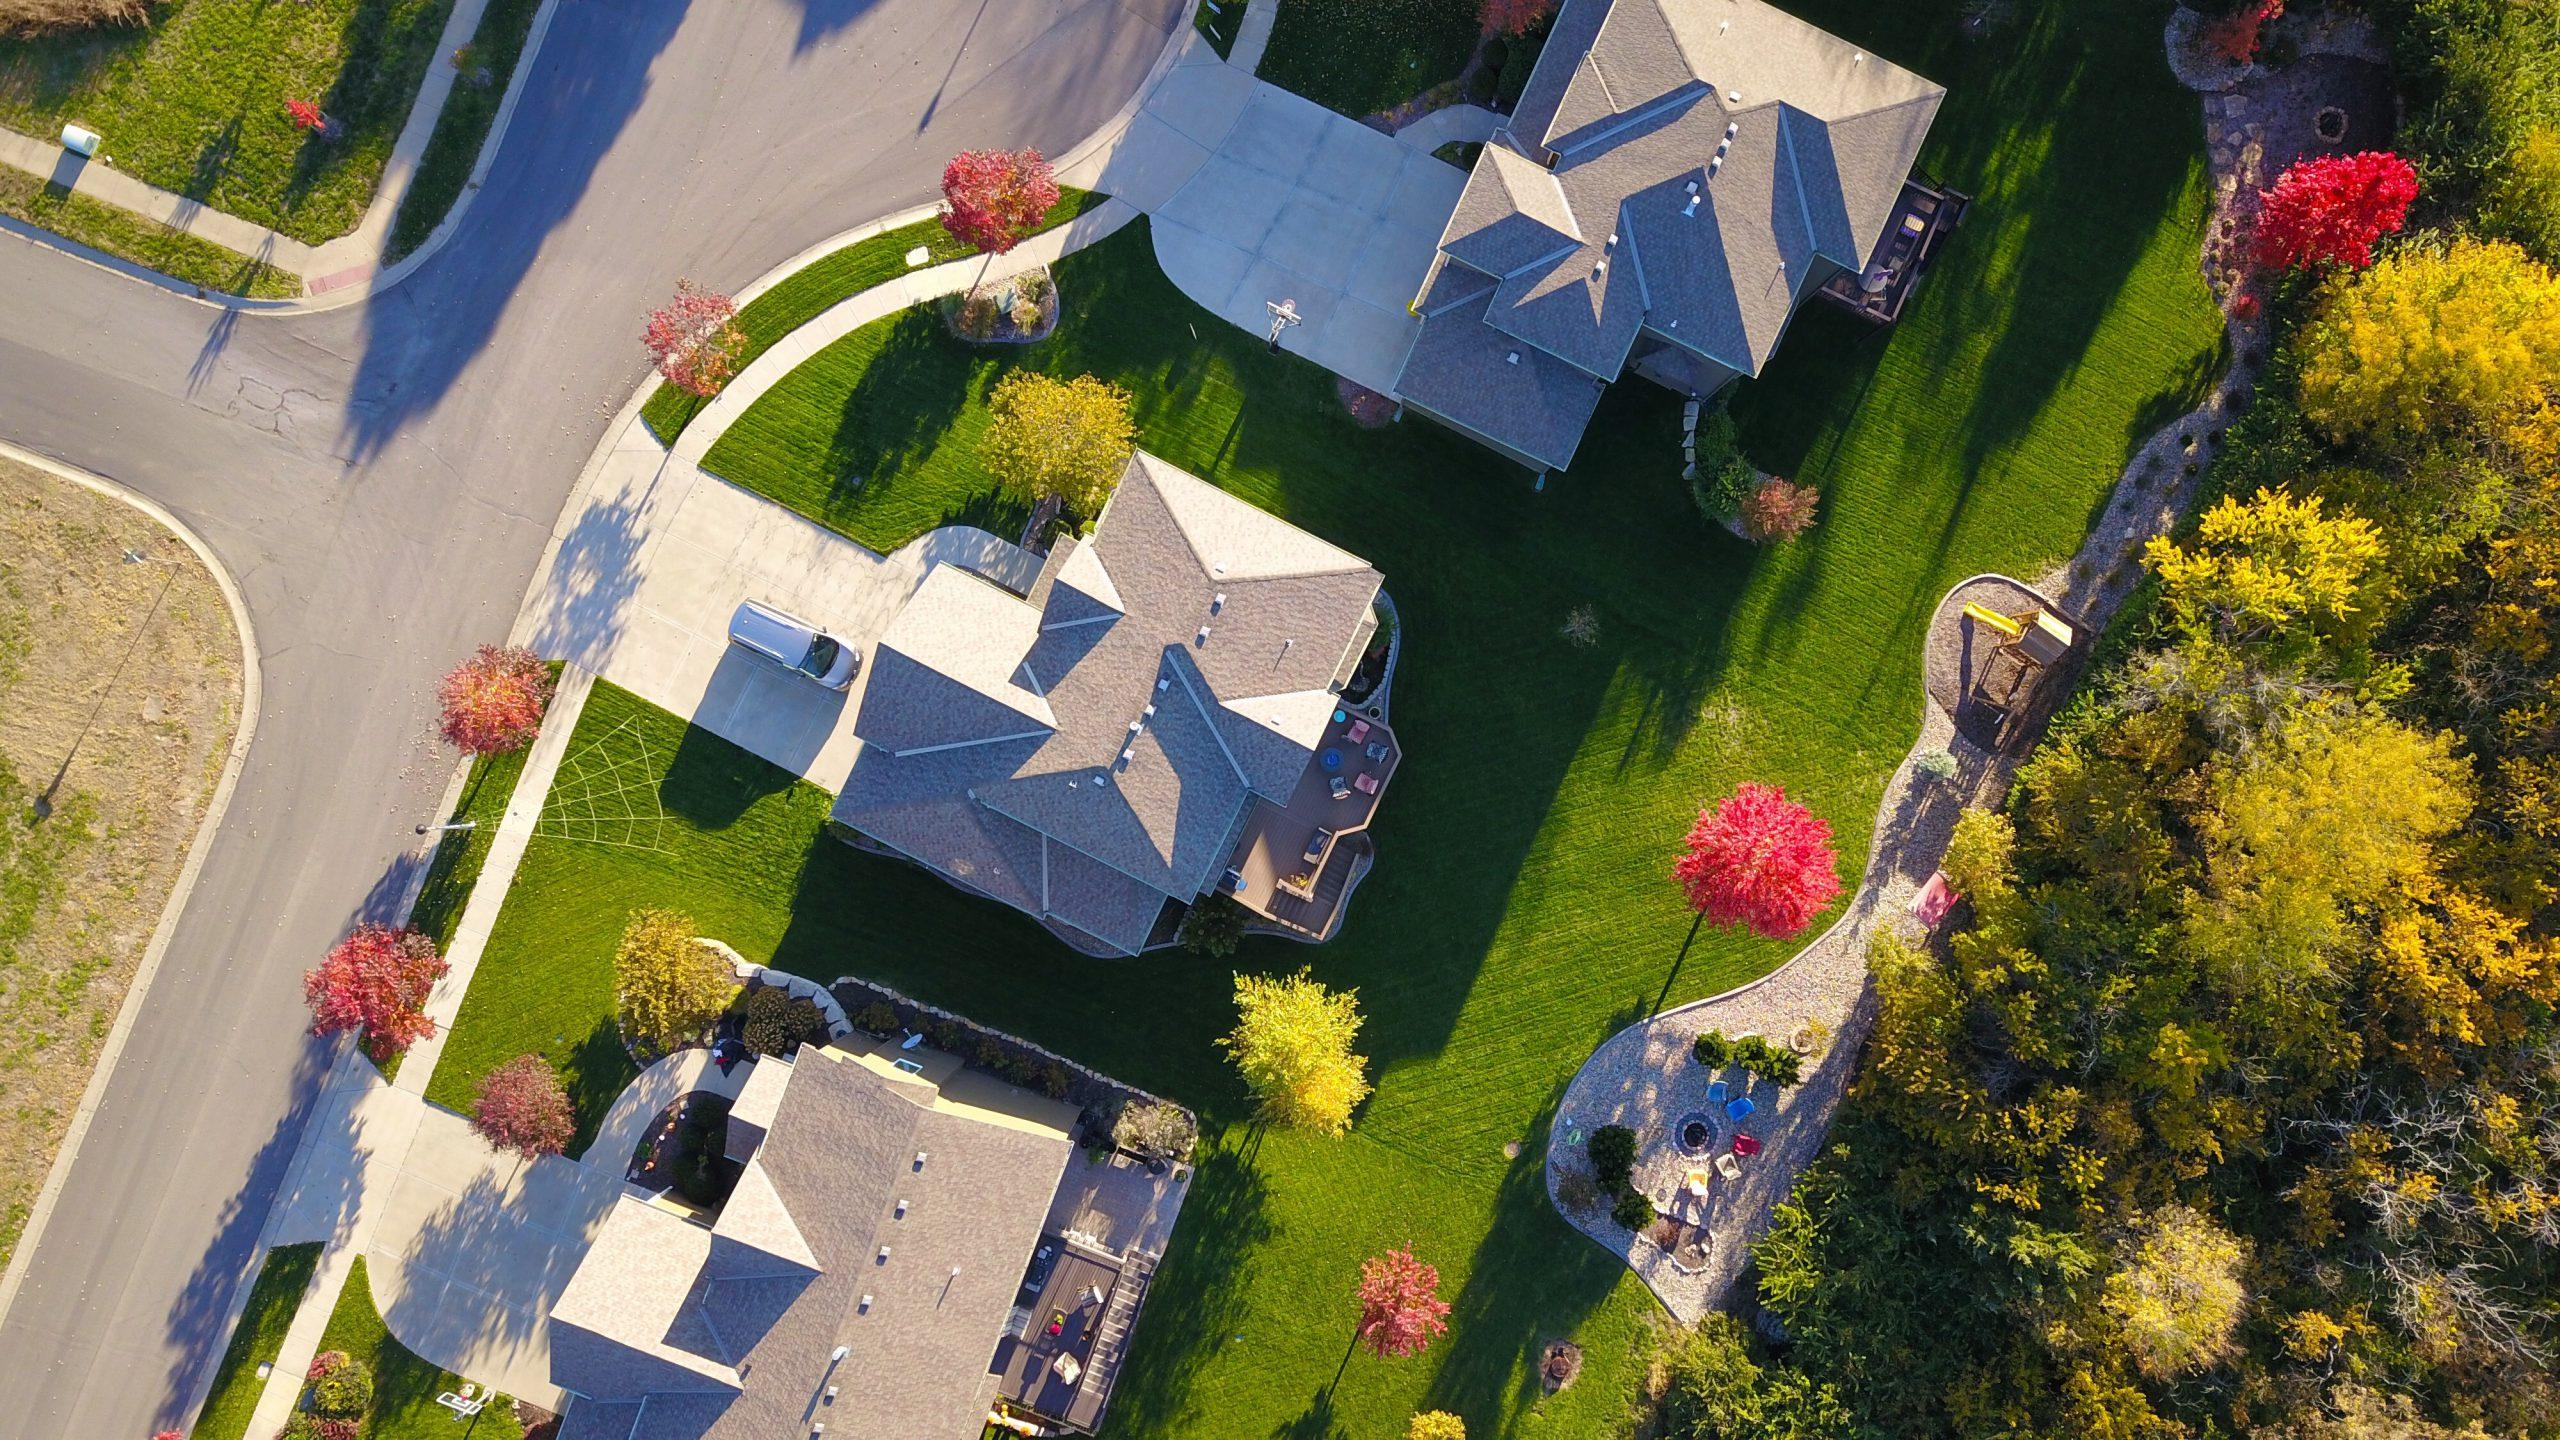 perfilan-desarrollo-nuevo-inmobiliario-mkt-digital-automation